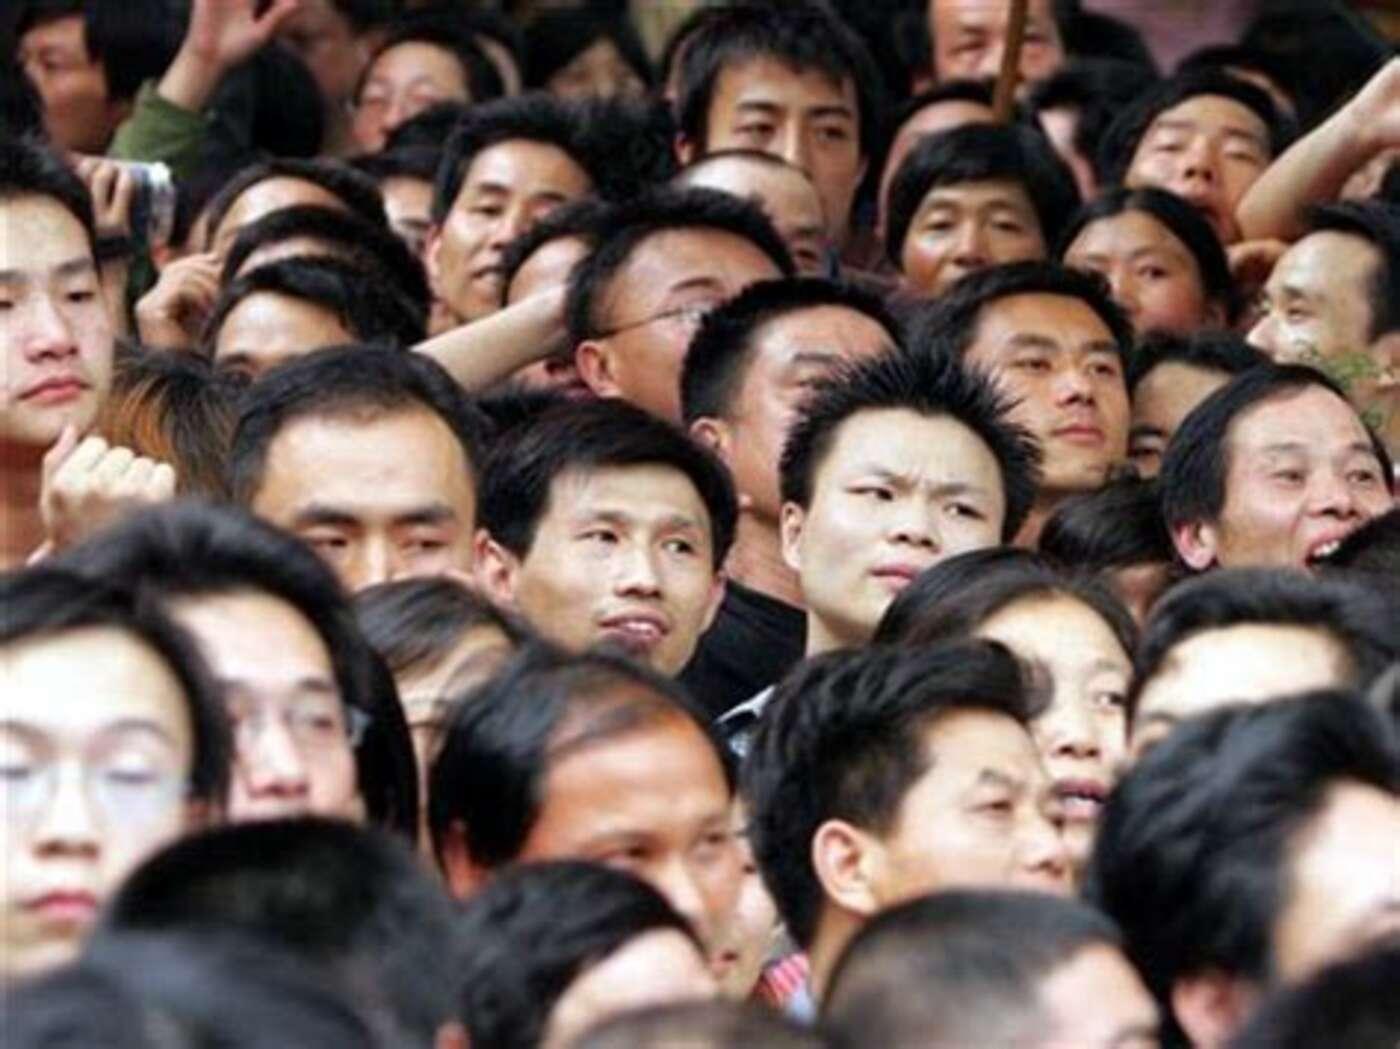 asiaten sehen alle gleich aus